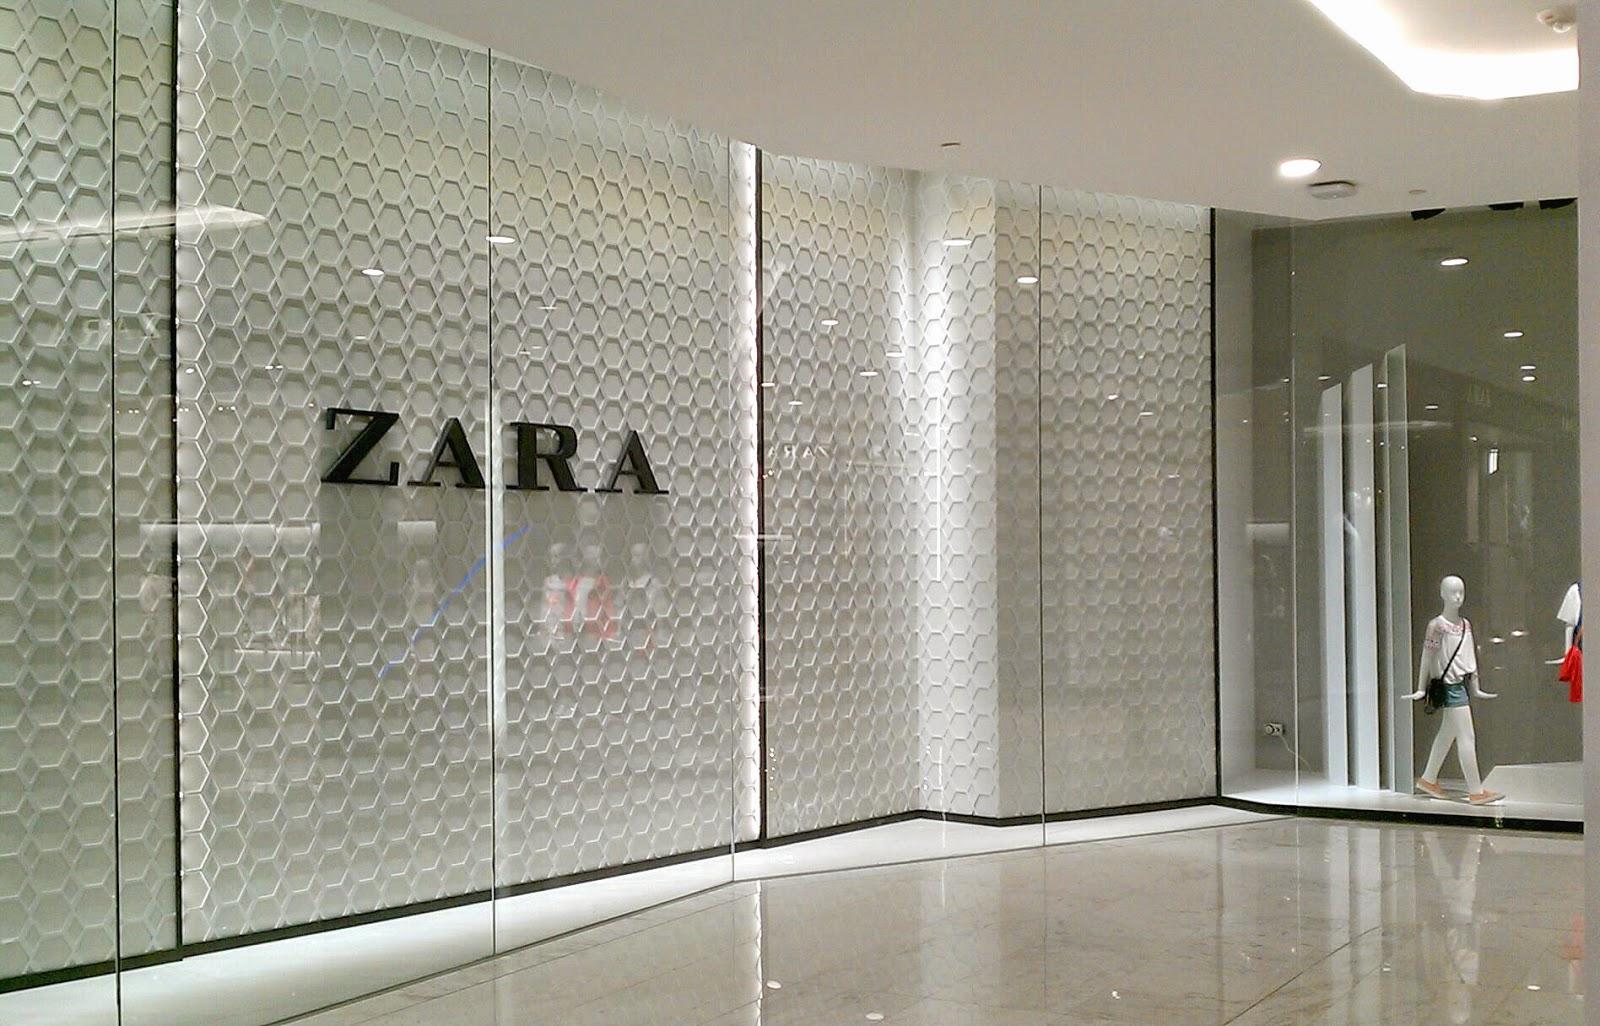 Zara Emquartier